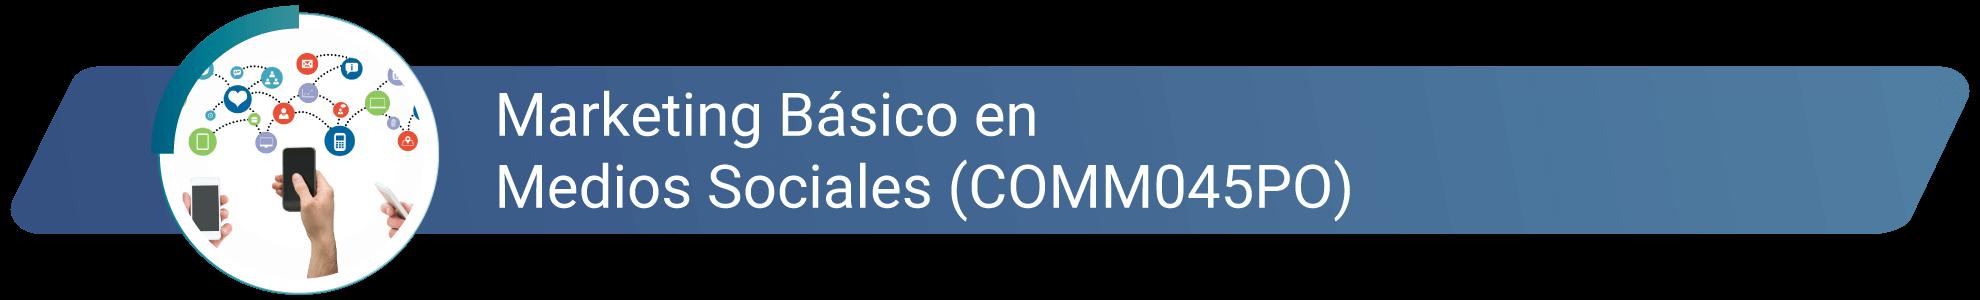 COMM045PO - Marketing basico en medios sociales